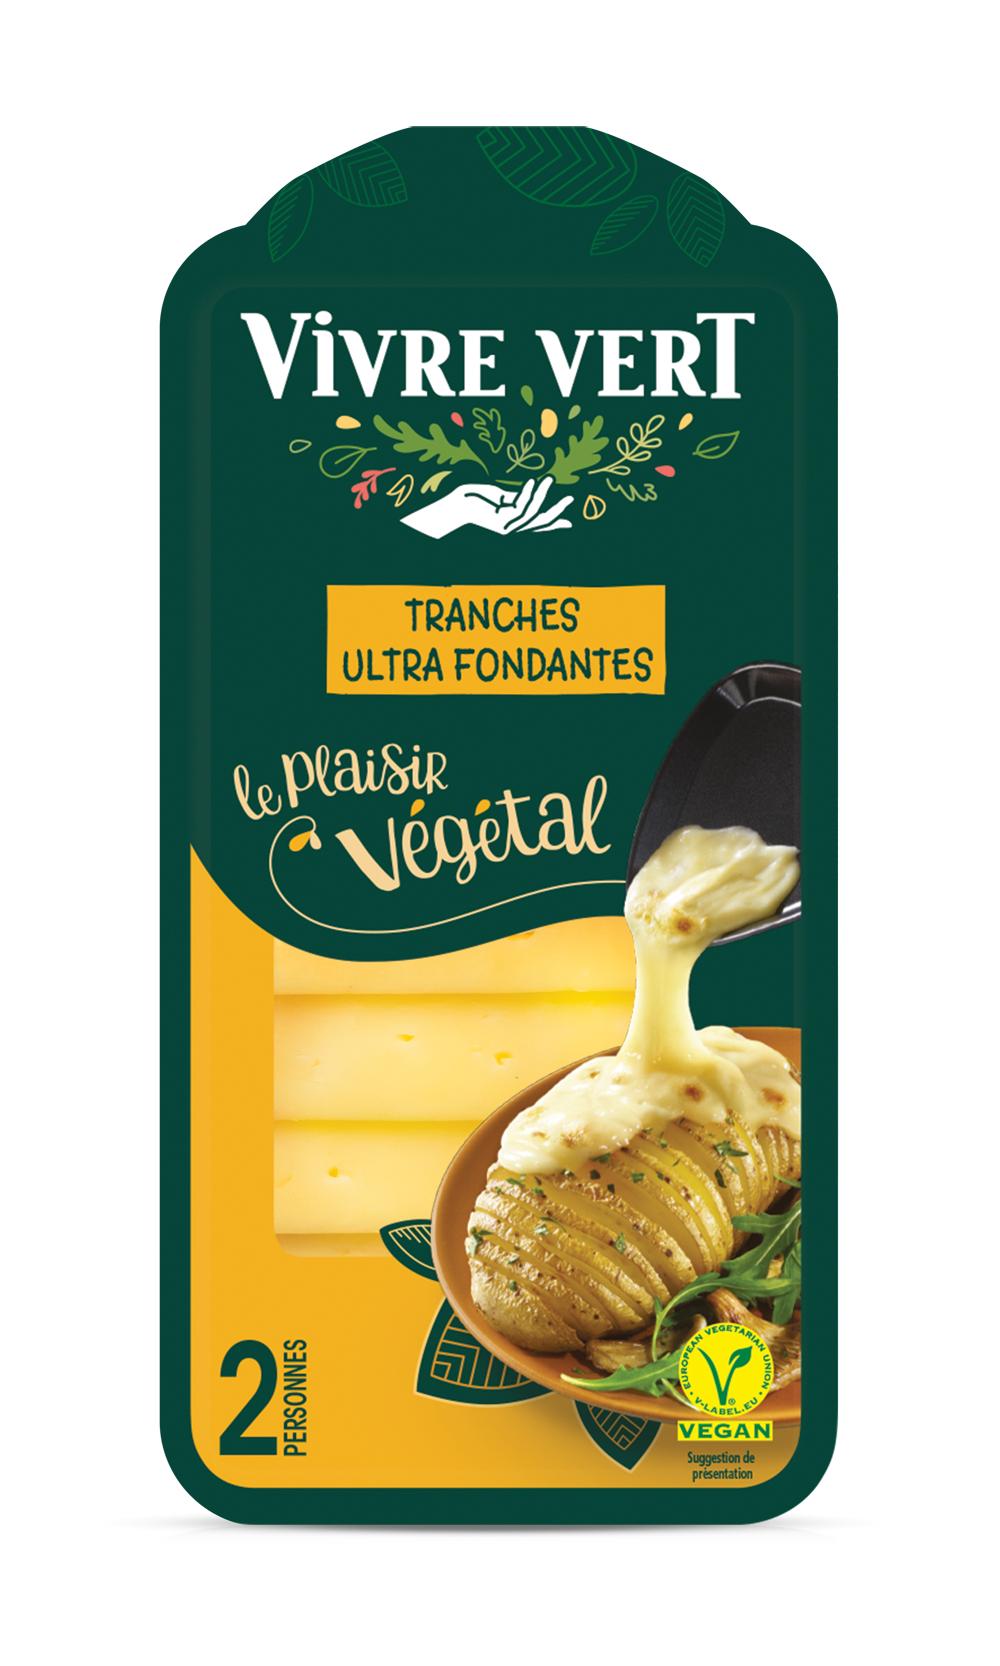 VV 3D raclette - Vivre Vert, le végétal gourmand et engagé au rayon frais